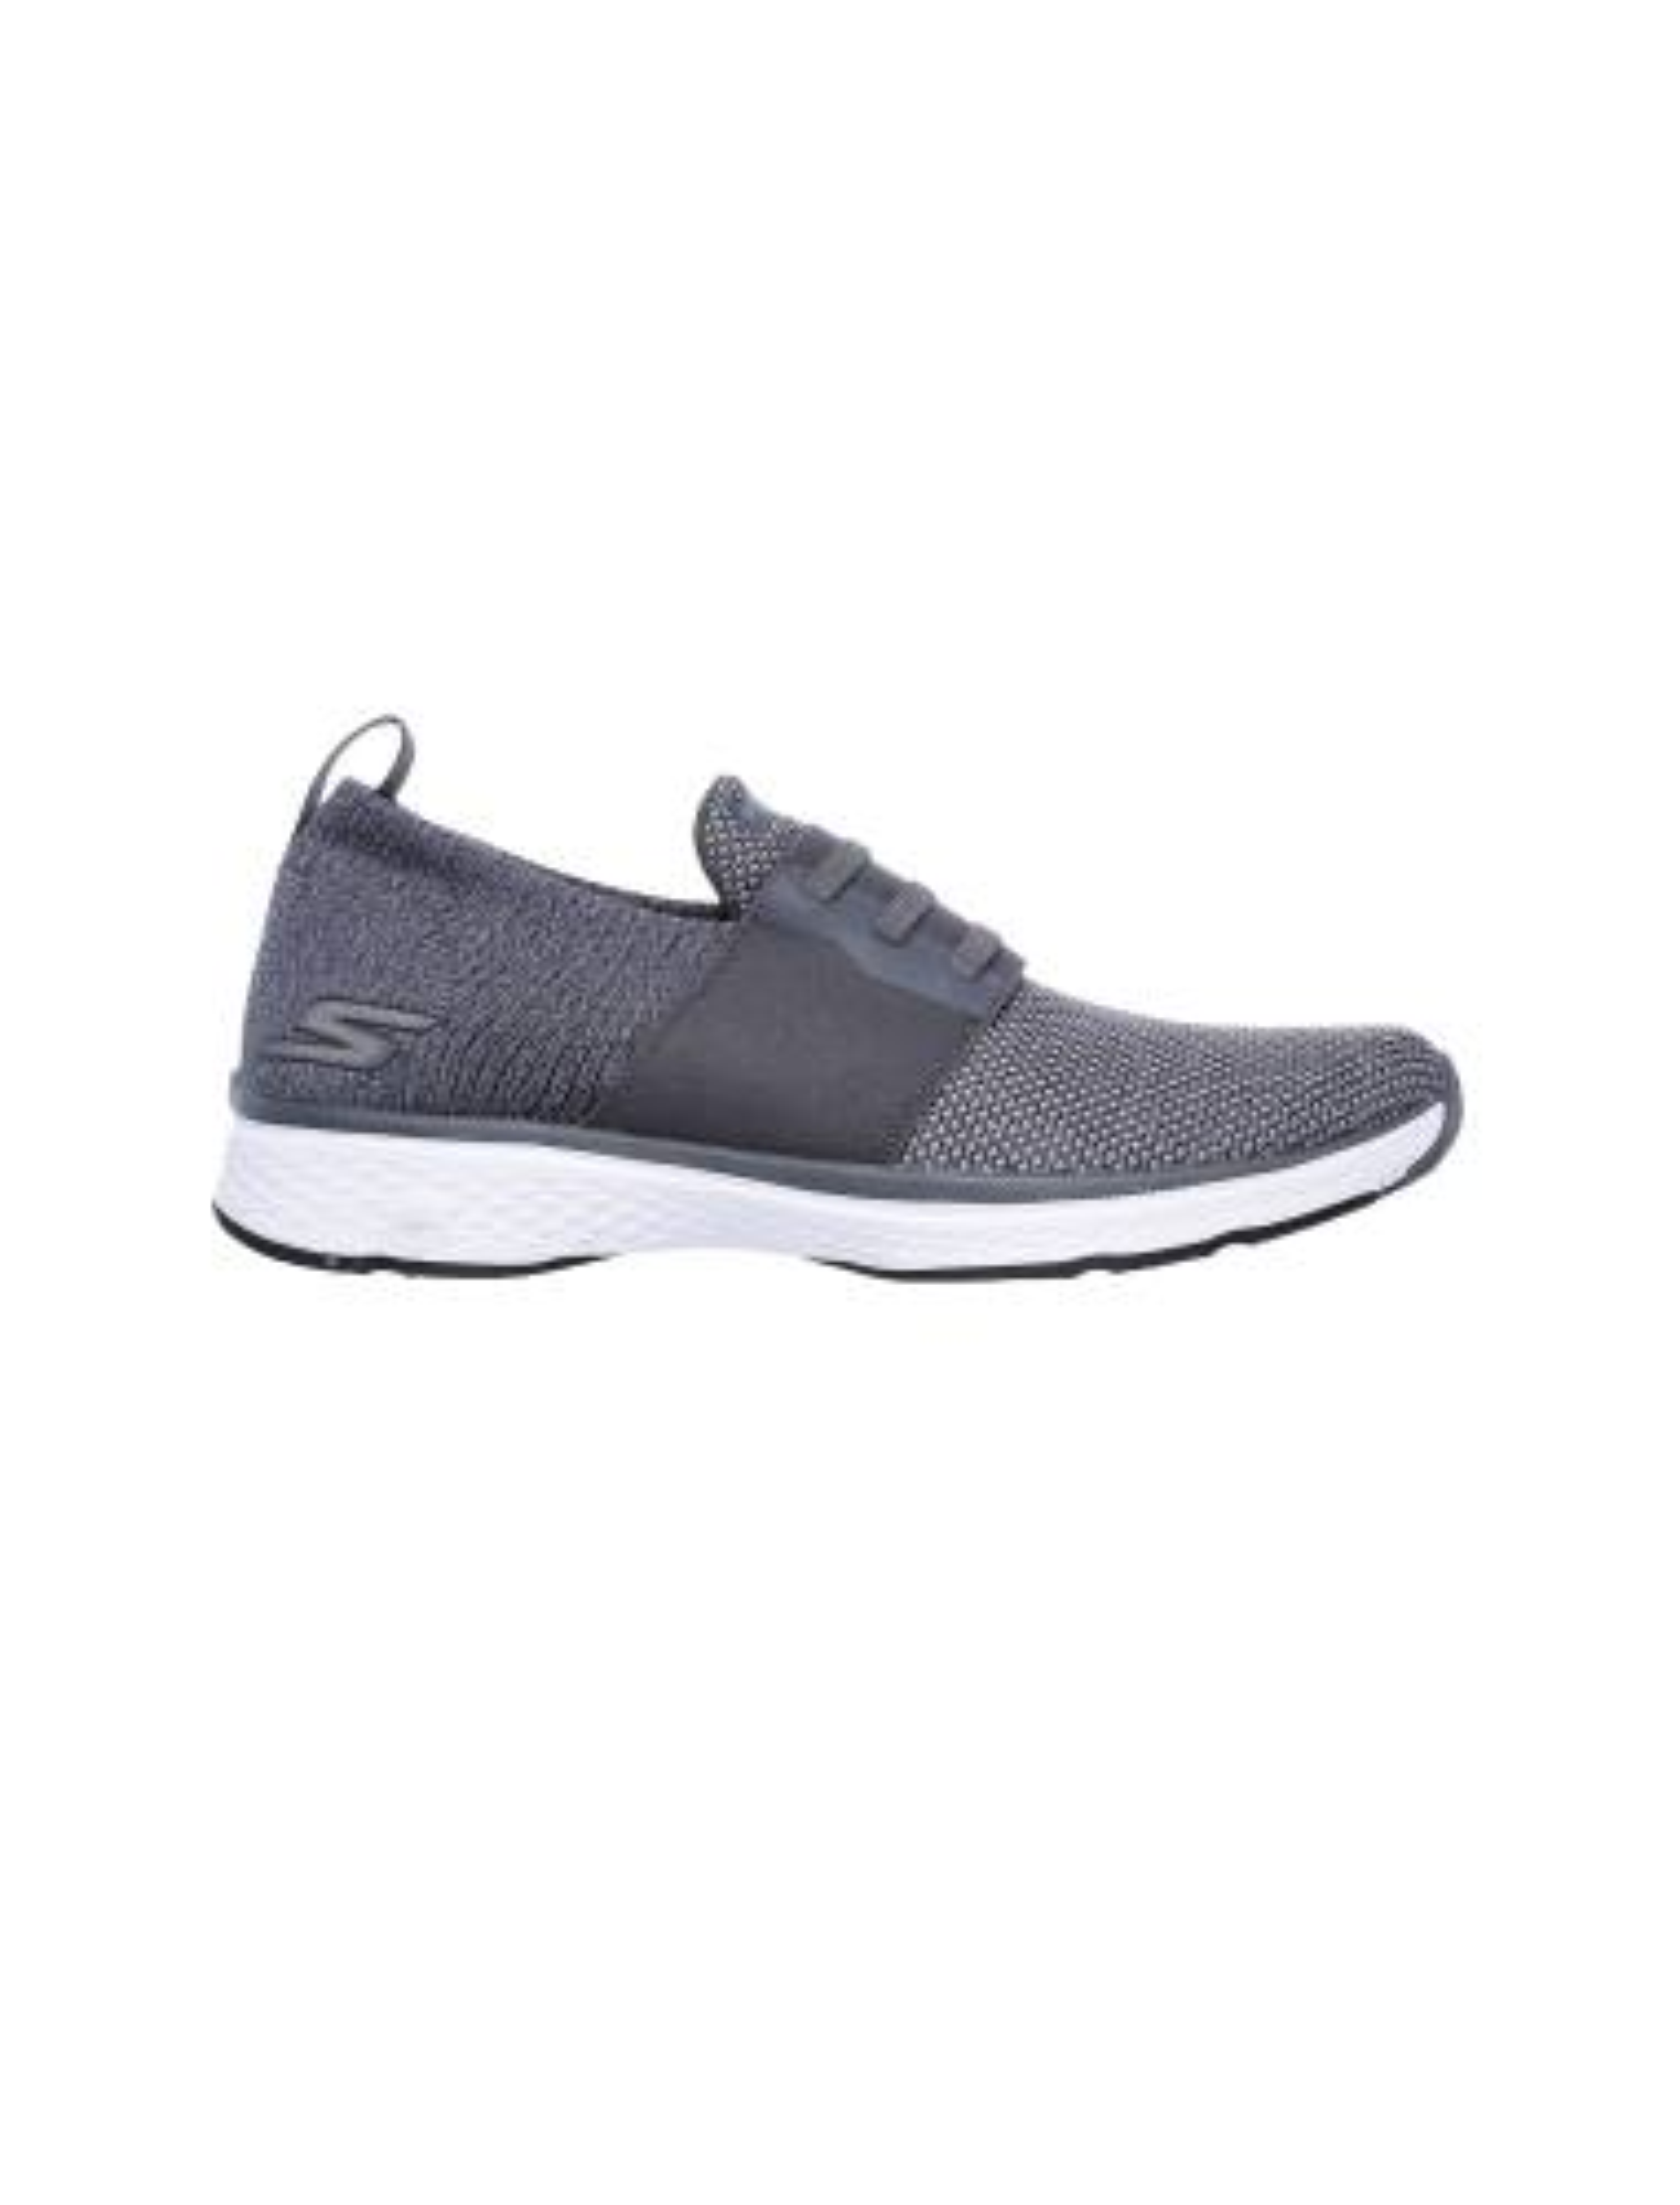 کفش پیاده روی بندی مردانه GOwalk Sport Grant - اسکچرز